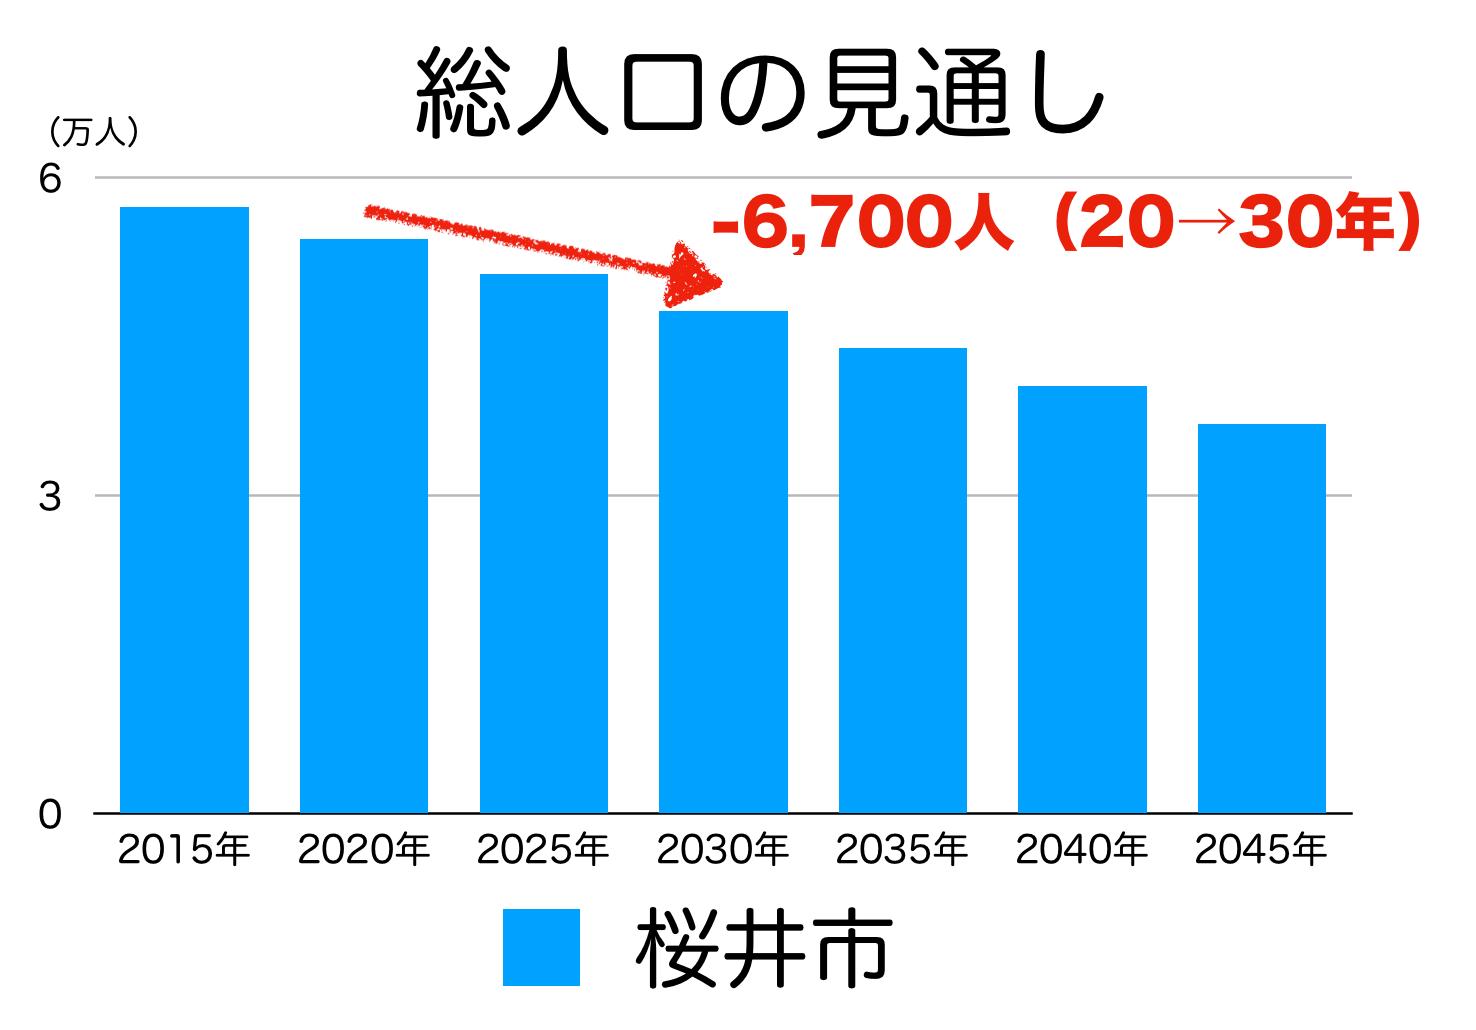 桜井市の人口予測